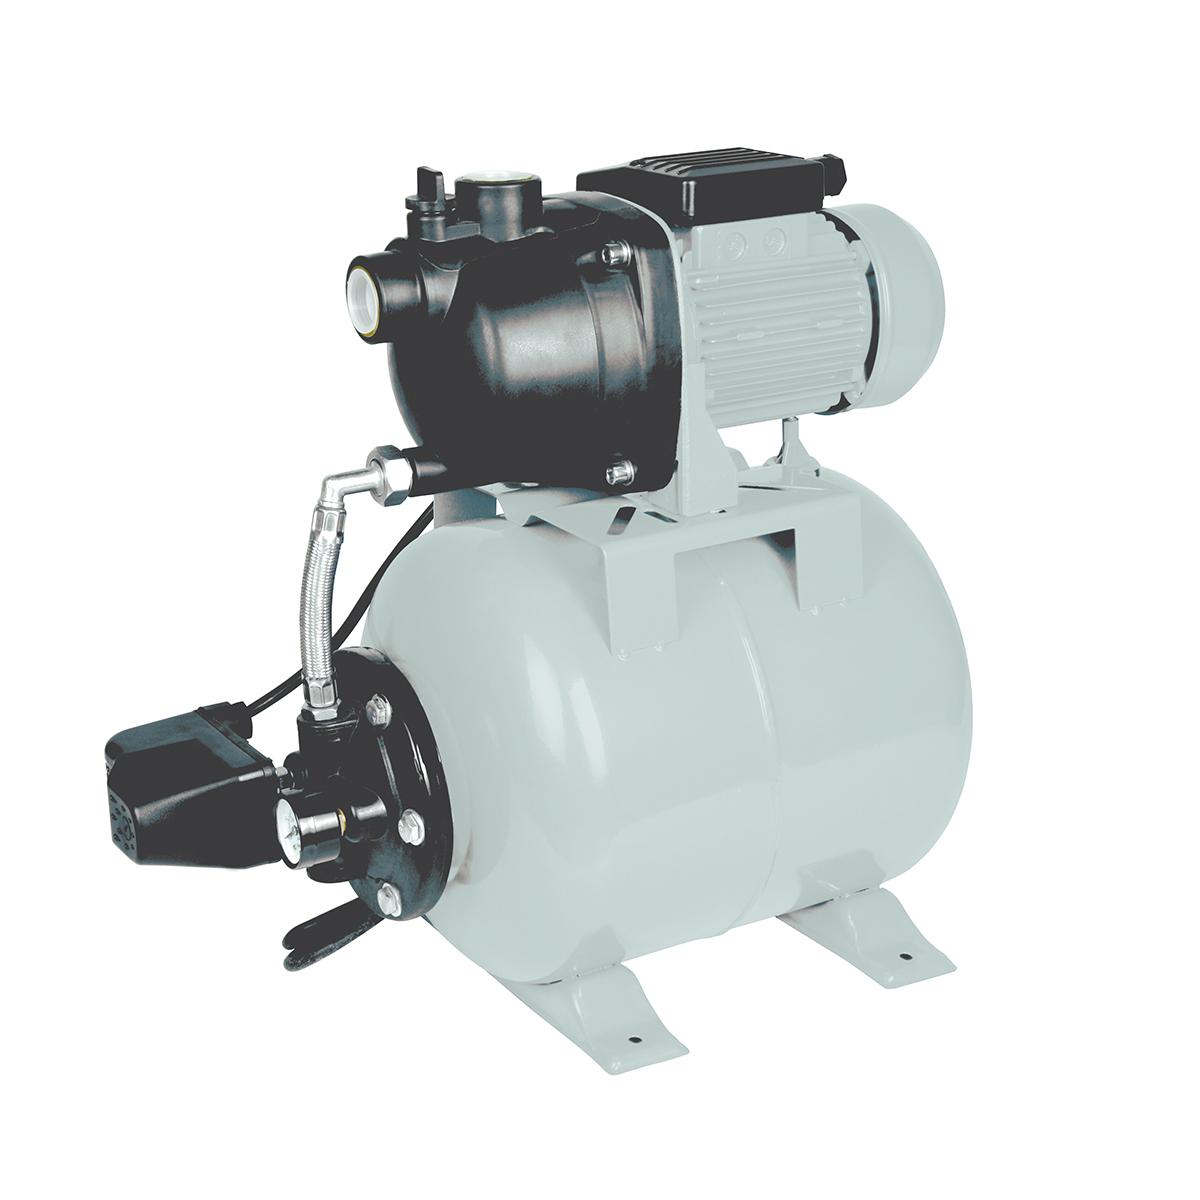 Насосная станция Ставр НС-600/20ст600-20нсНапряжение сети, В: 220 Частота Гц: 50 Потребляемая мощность, Вт: 600 Максимальная производительность, л/мин: 50 Напор, м: 35 Диапазон выдаваемого давления, атм: 1,4-3,2 Максимальная глубина всасывания, м: 8 Объем мембранного бака, л: 20 Максимальный размер пропускаемых частиц, мм: 5 Максимальная температура воды, °С: 40 Диаметр входного патрубка, дюйм(мм): 1(25) Диаметр выходного патрубка, дюйм(мм): 1(25) Защита от перегрева: есть Класс защиты: IPX4 Длина сетевого кабеля, м: 1,5 Масса, кг: 10,7